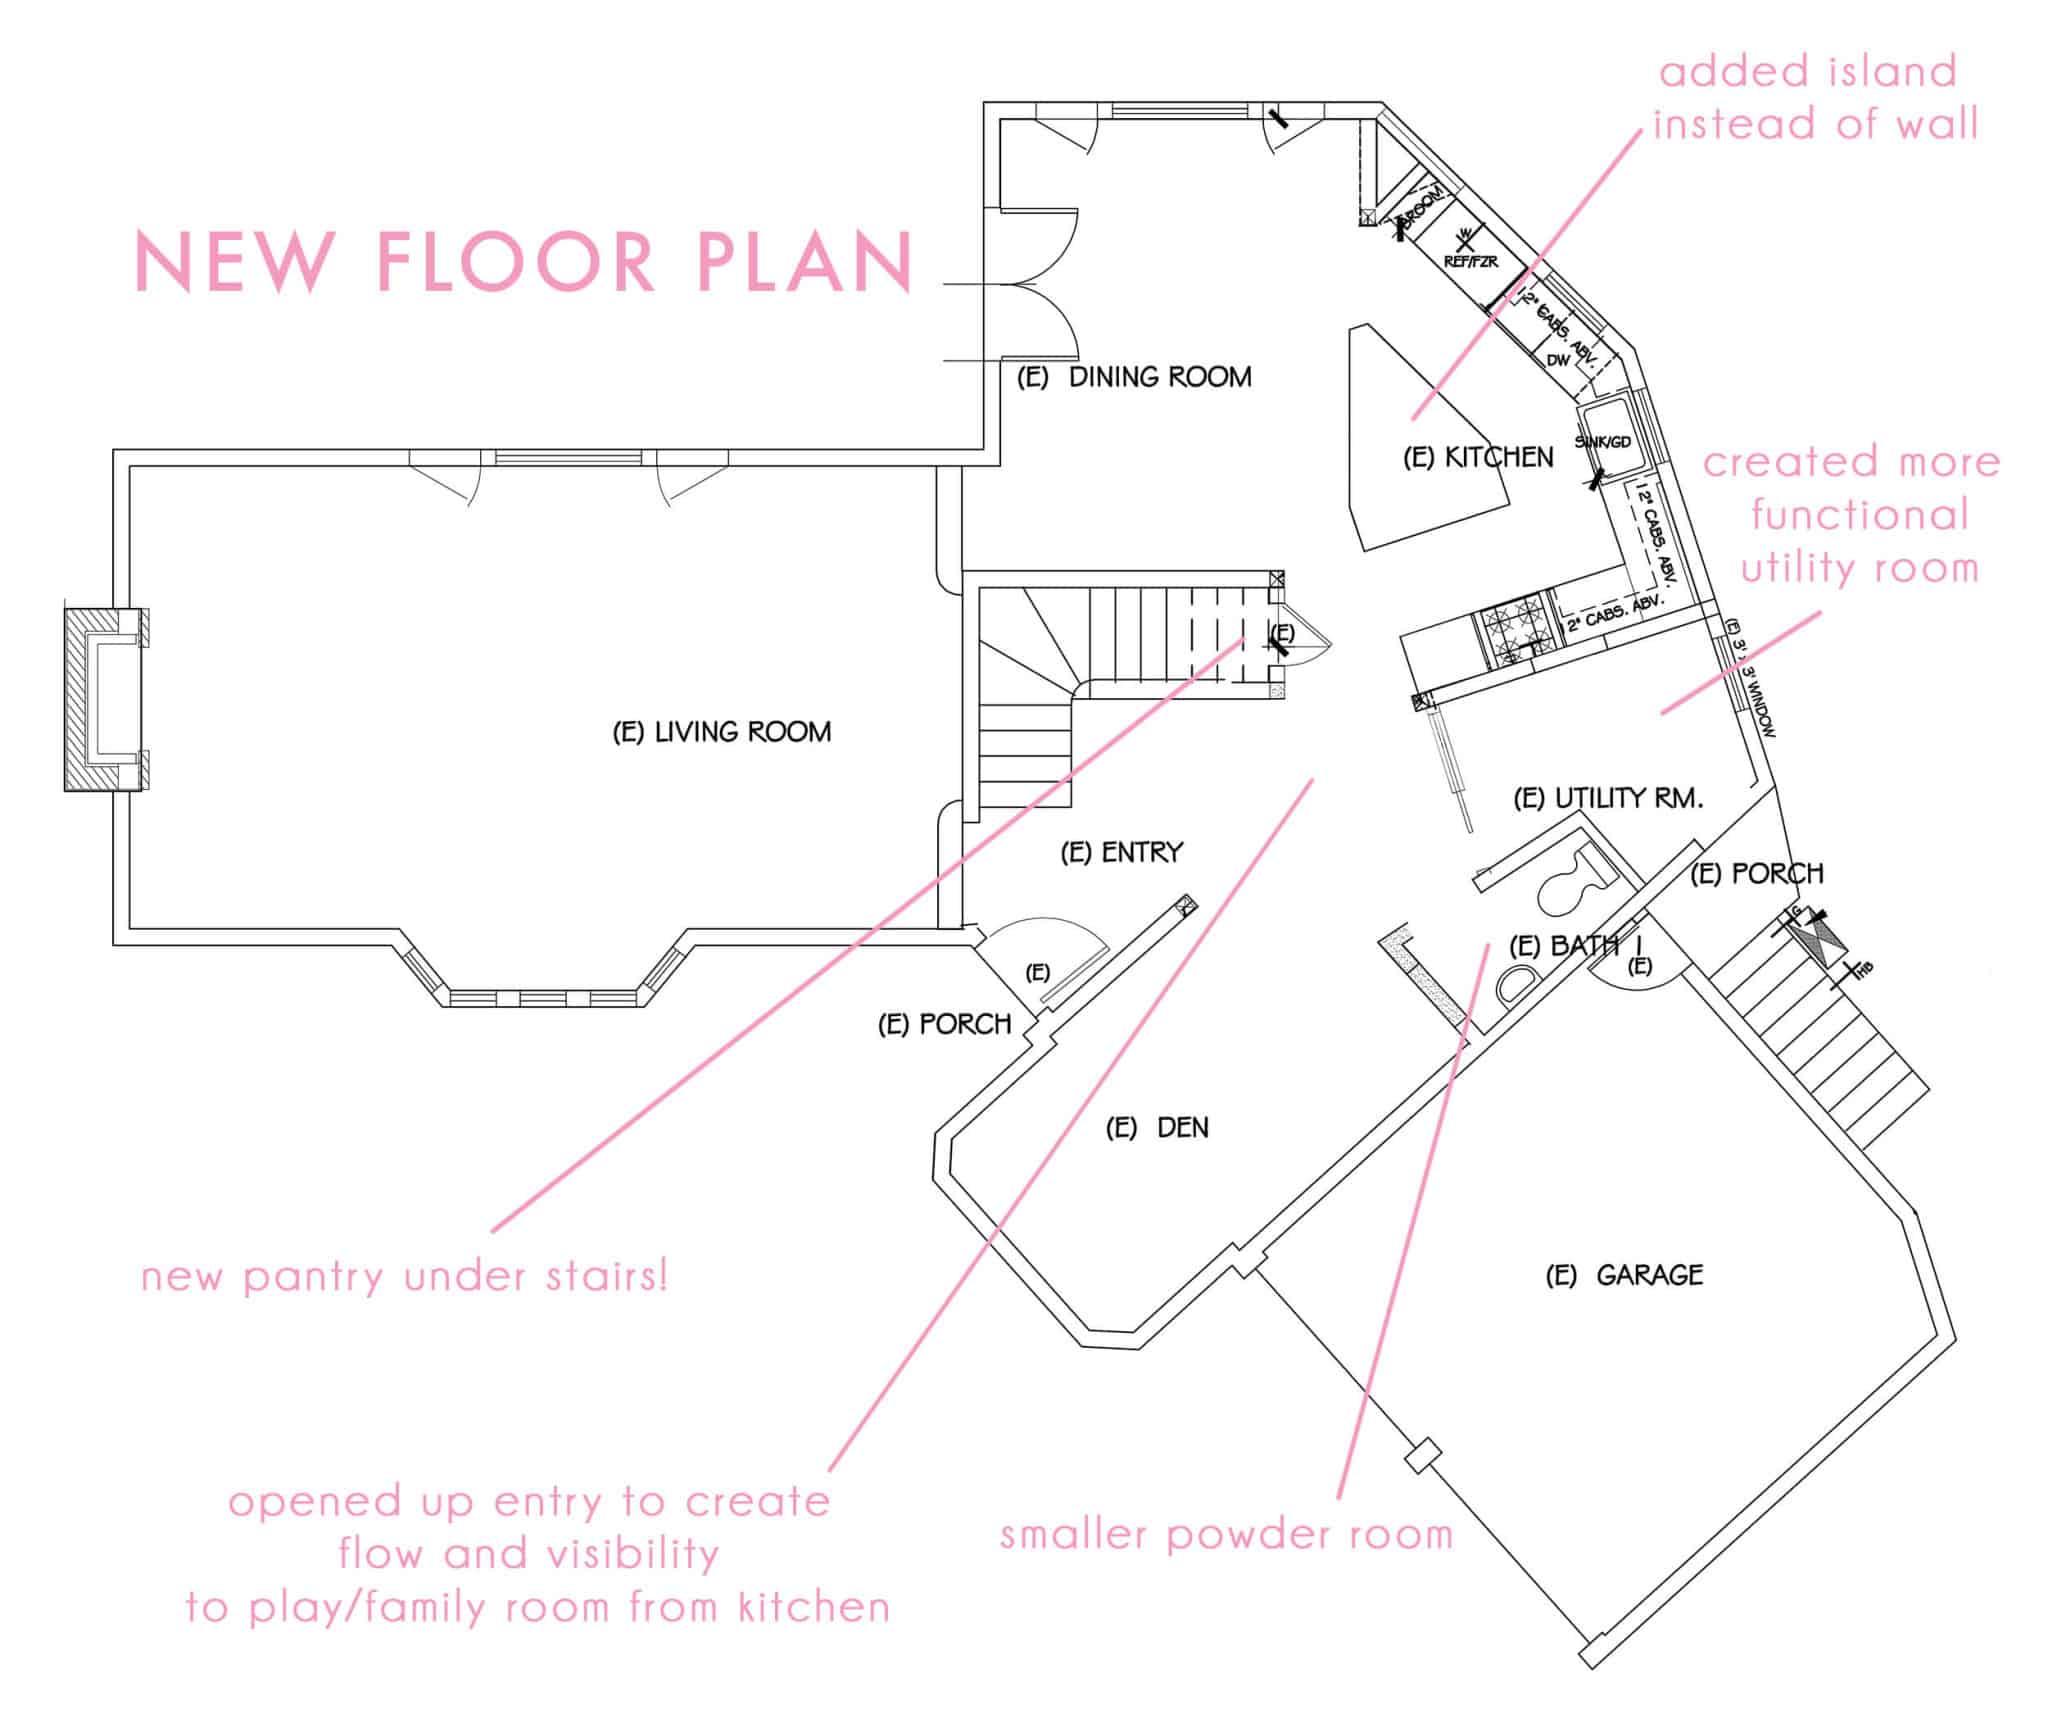 original_floor-plan_revised-floor-plan_new-floor-plan_with-text-overlay